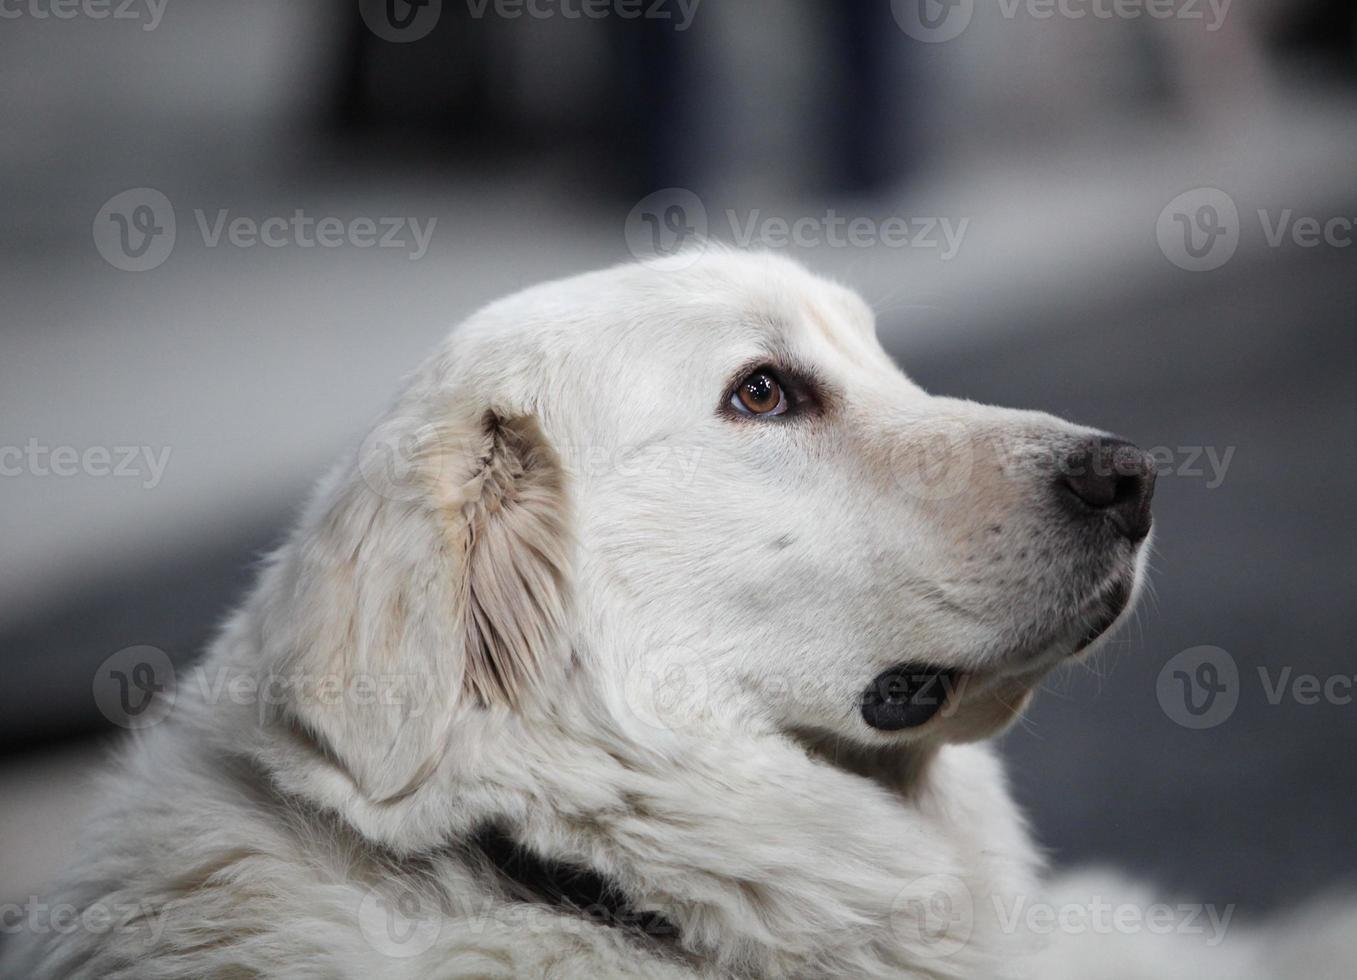 huvudsidan av den stora vita hunden foto